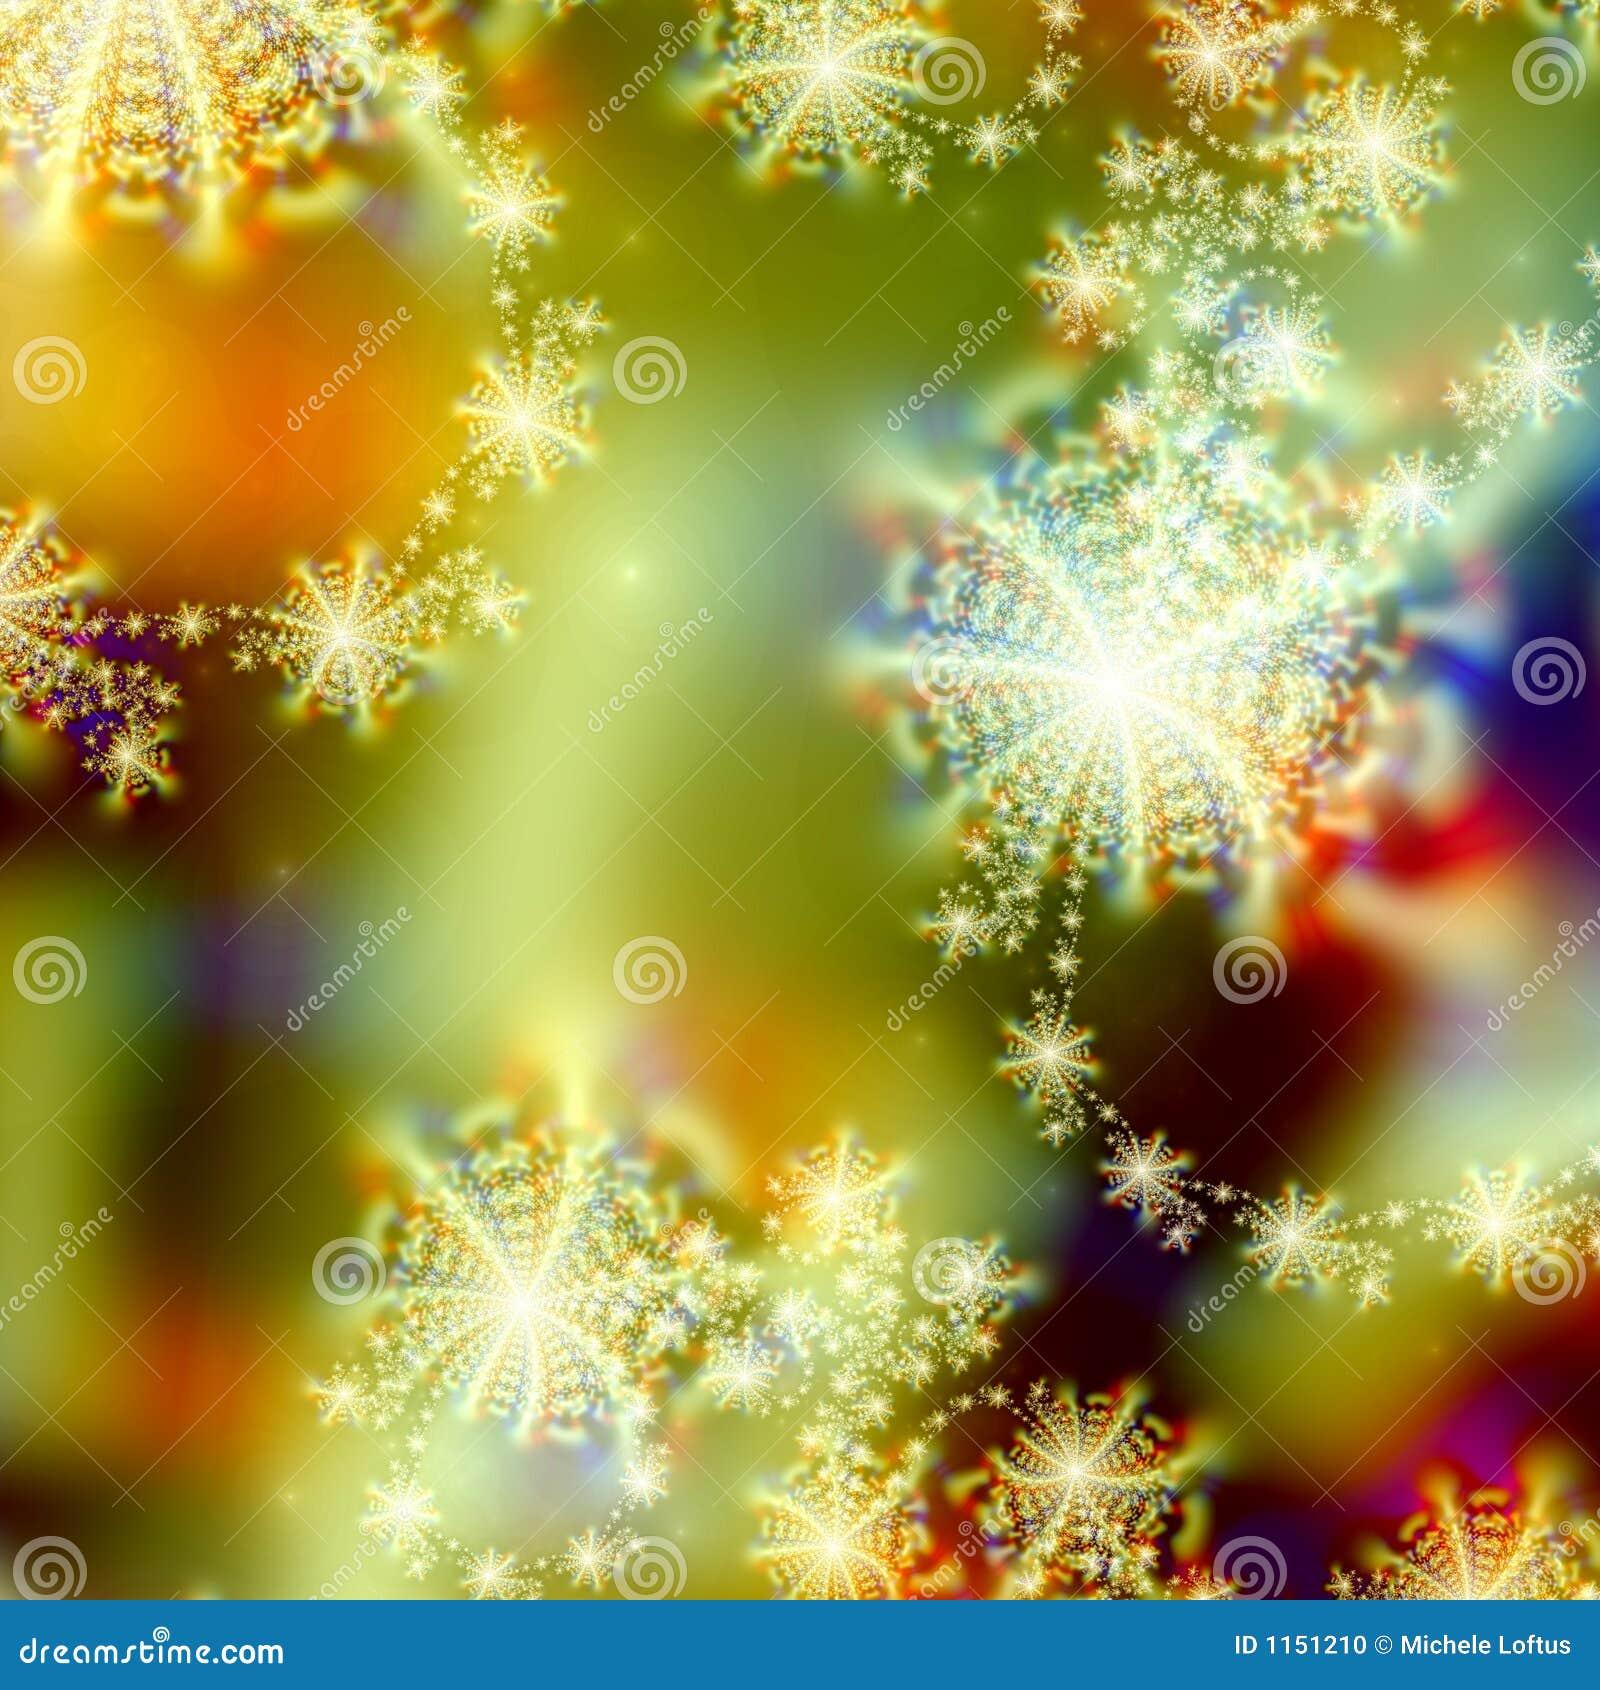 Diseño abstracto del modelo del fondo de luces del día de fiesta y estrellas o copos de nieve abstractos